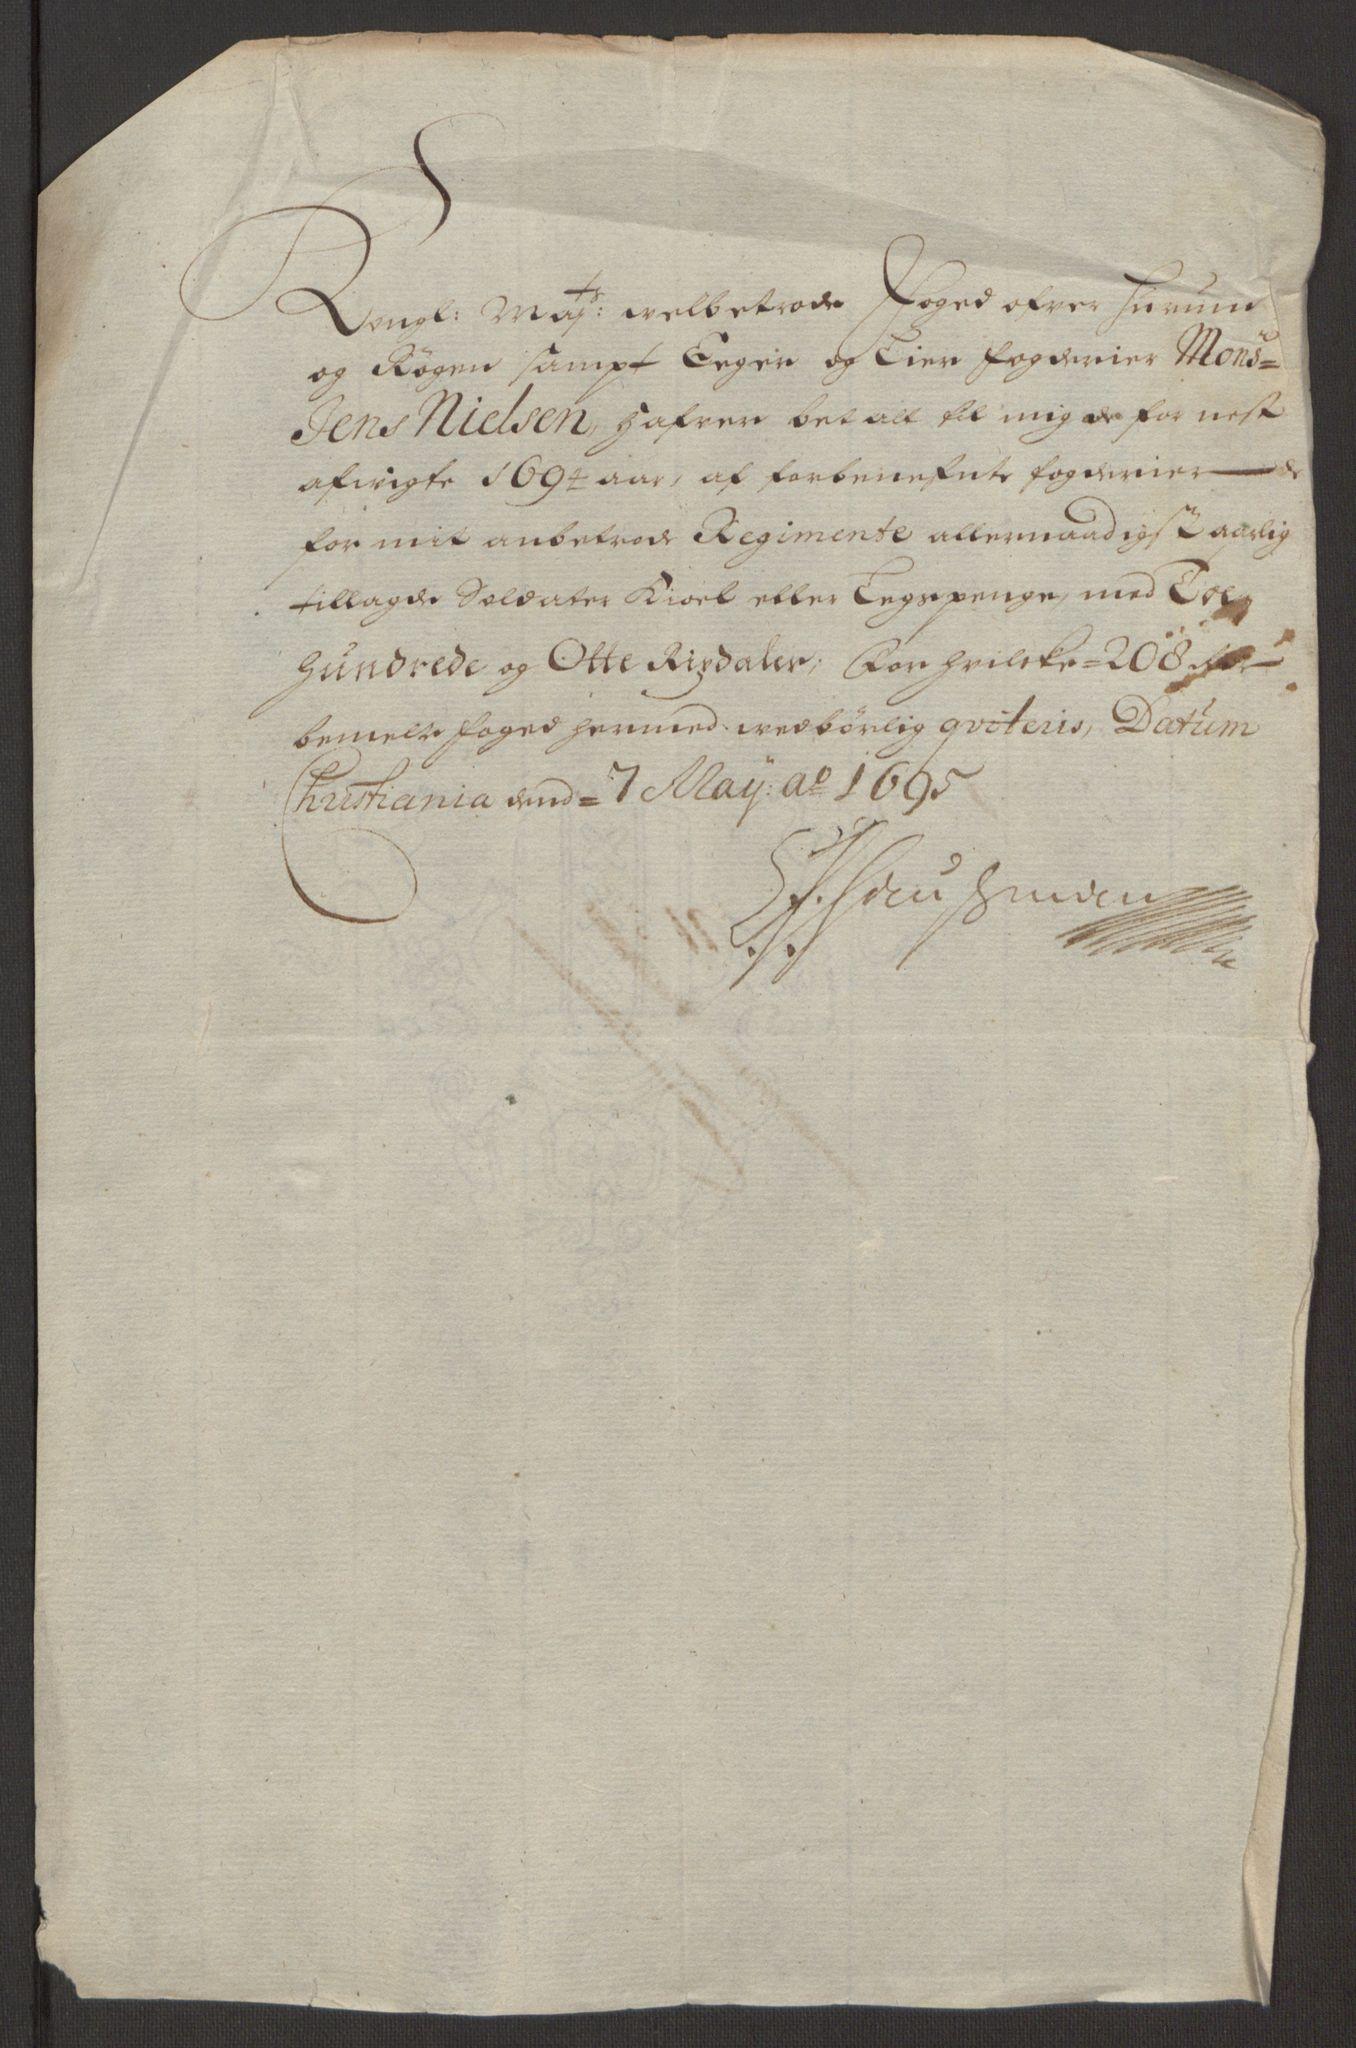 RA, Rentekammeret inntil 1814, Reviderte regnskaper, Fogderegnskap, R30/L1694: Fogderegnskap Hurum, Røyken, Eiker og Lier, 1694-1696, s. 142